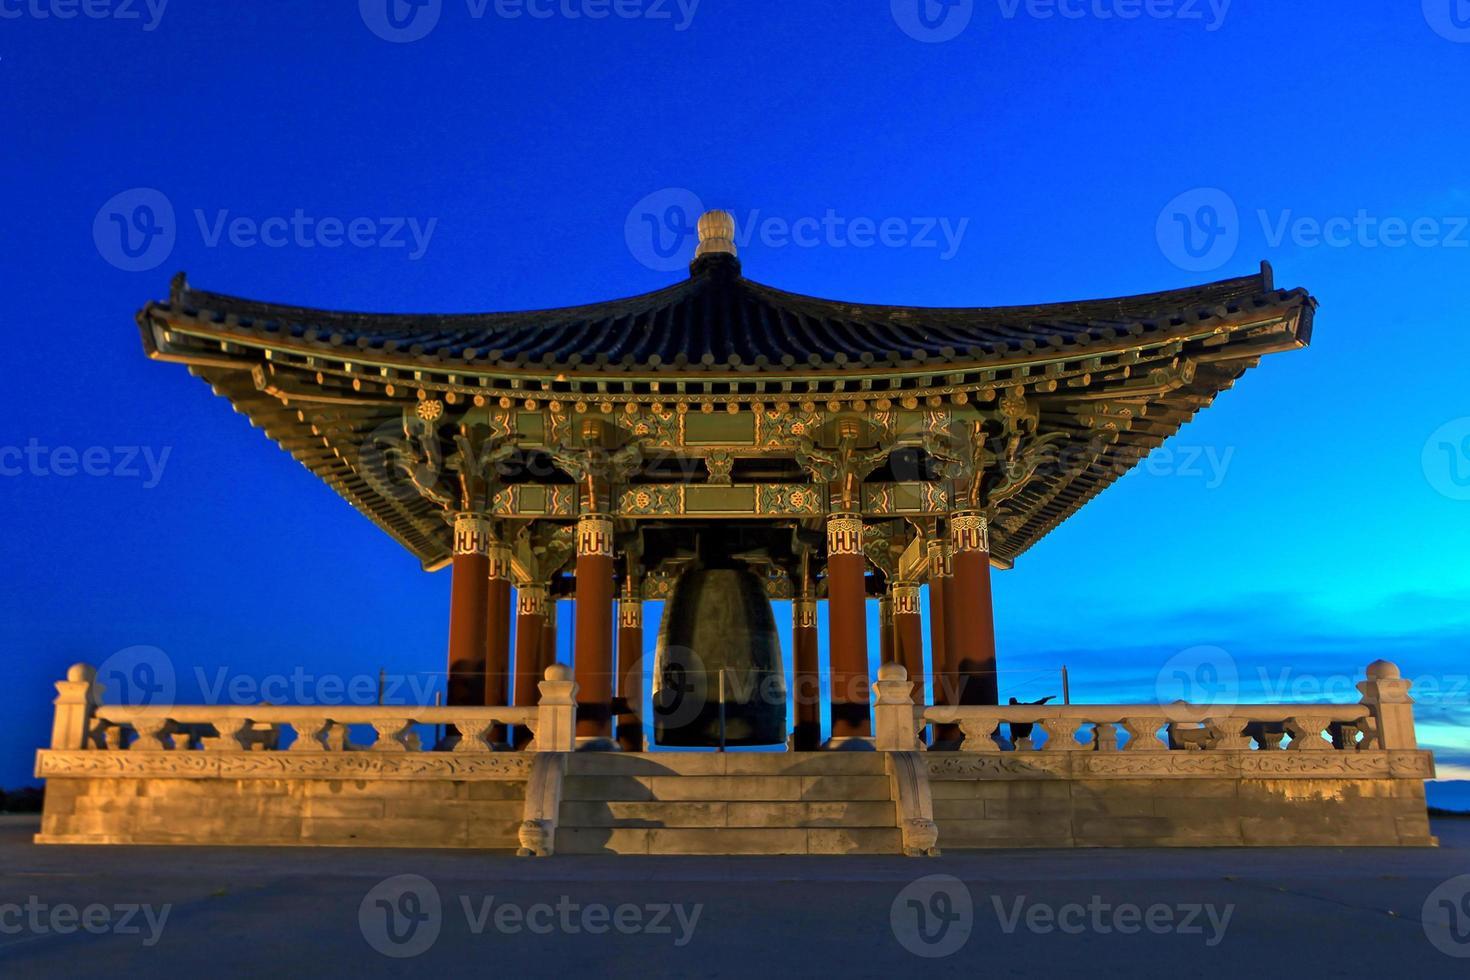 turistmonument koreansk vänskapsklocka i san pedro, cailfornia foto